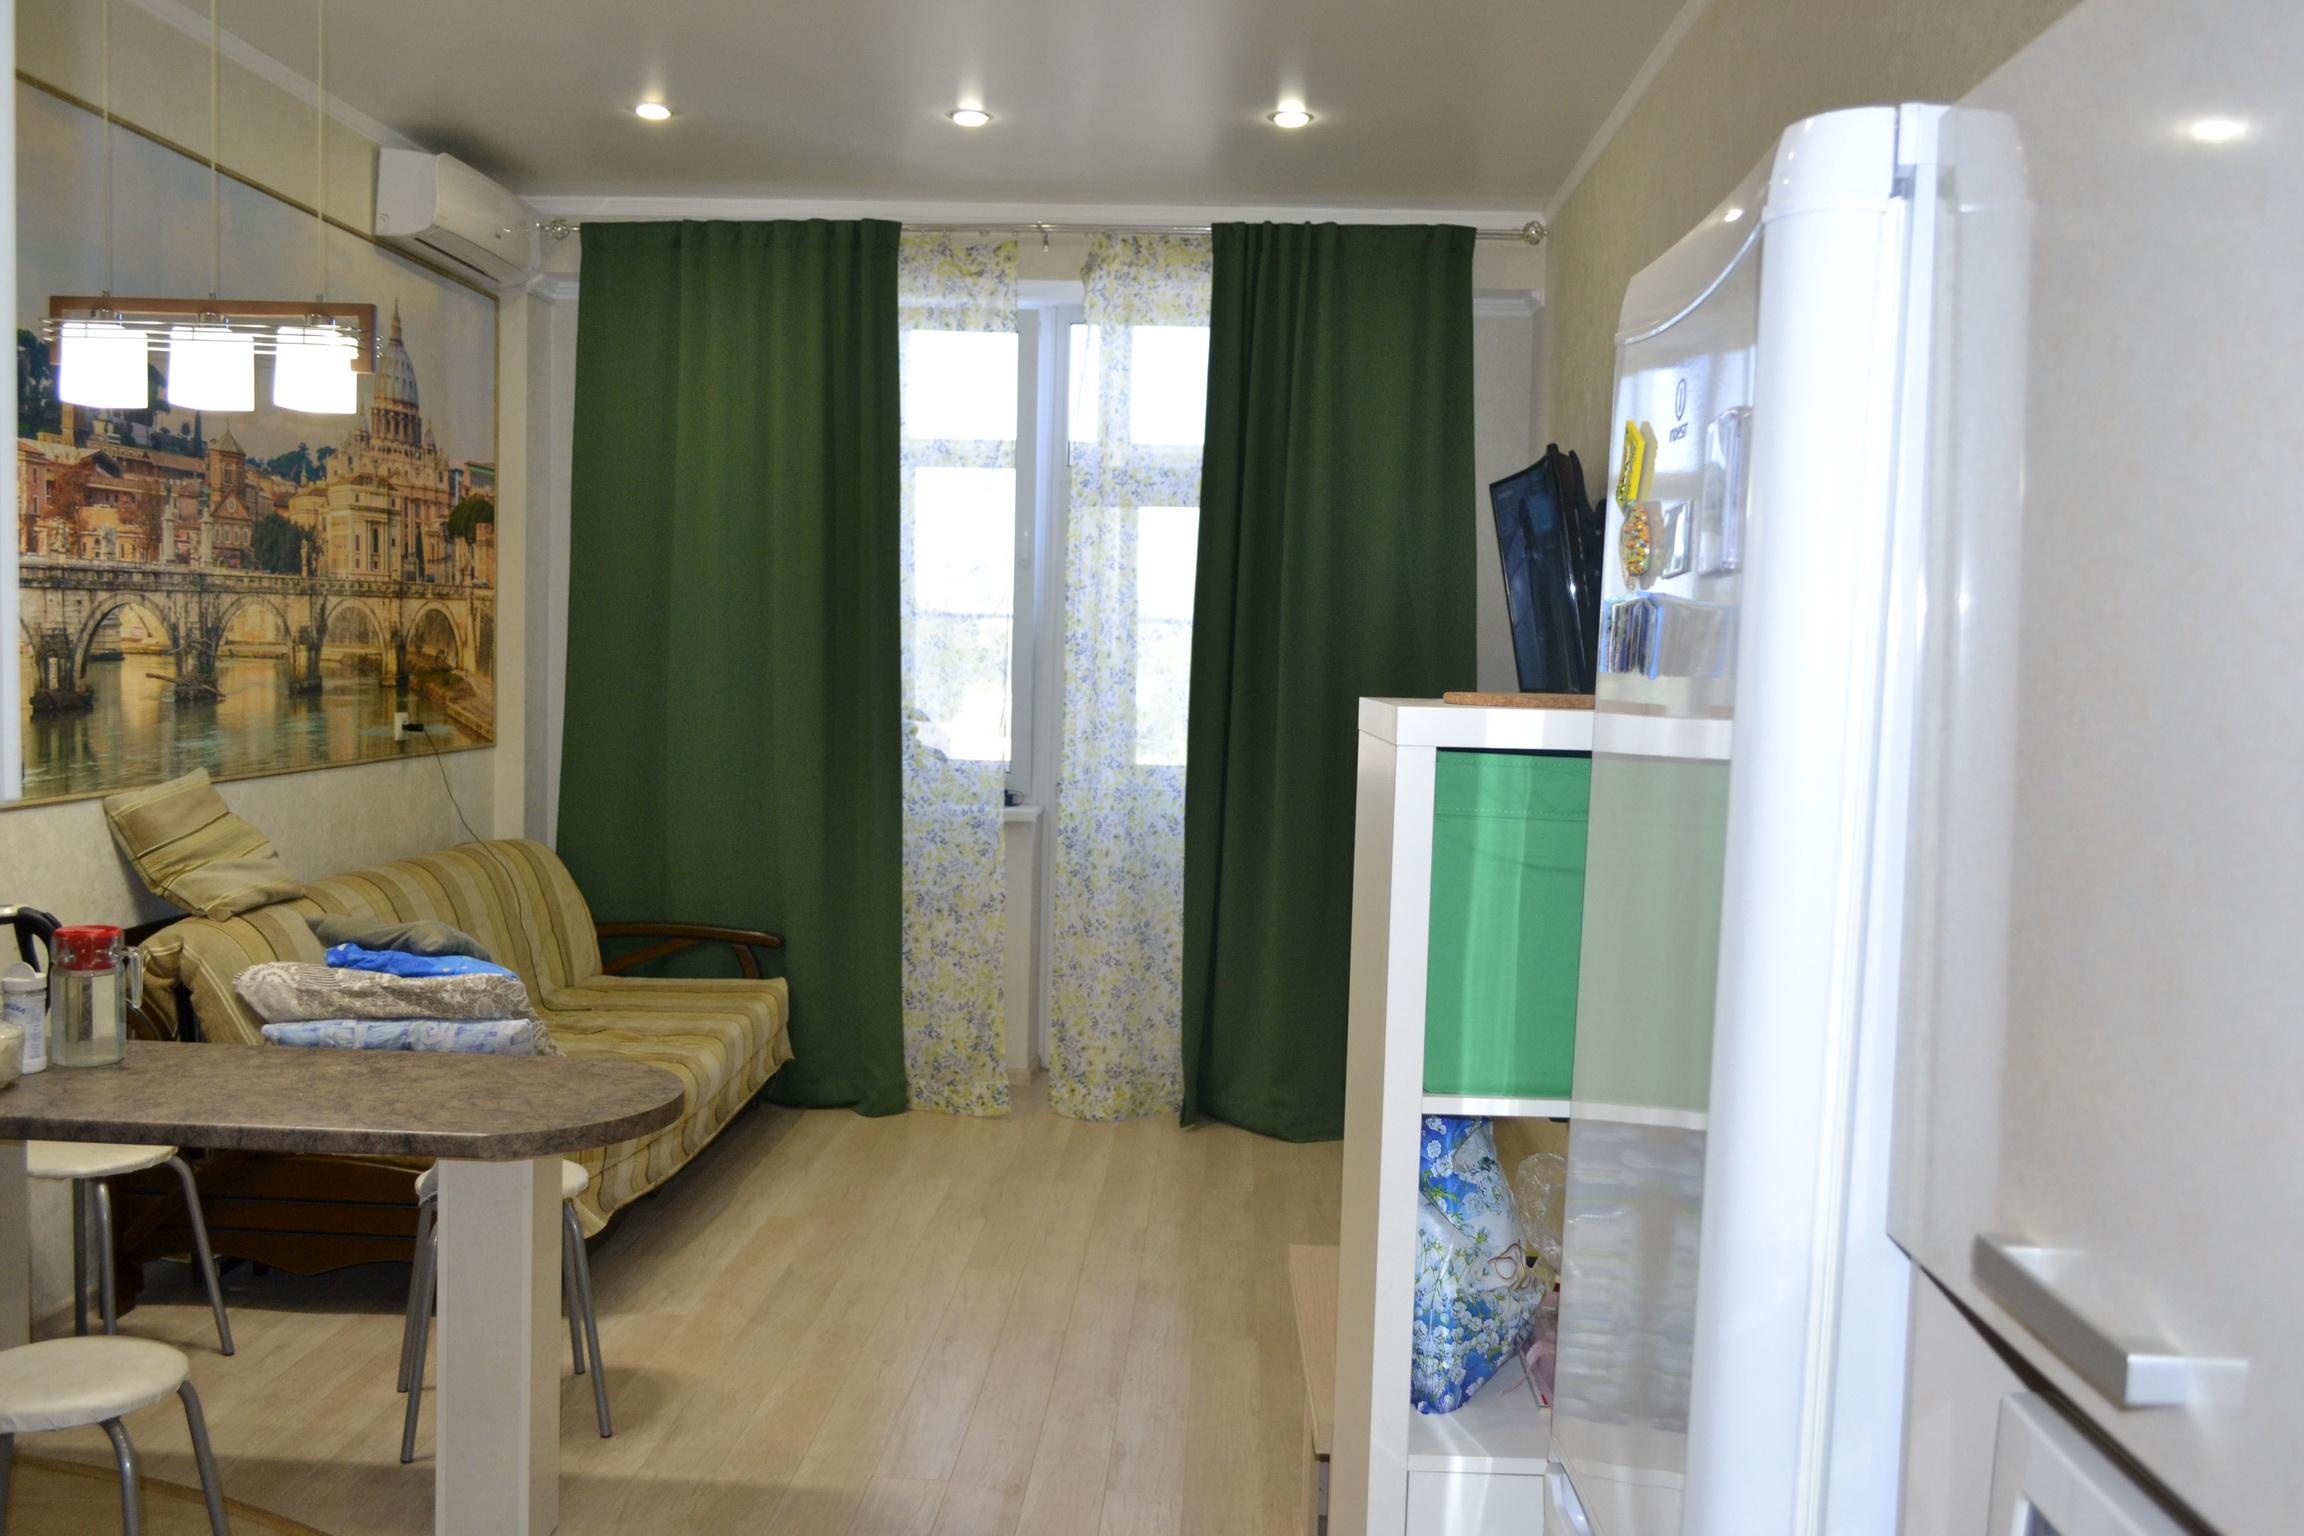 Сдается 2- комнатная квартира в новом доме с евроремонтом, улица Новопятигорская 1/2